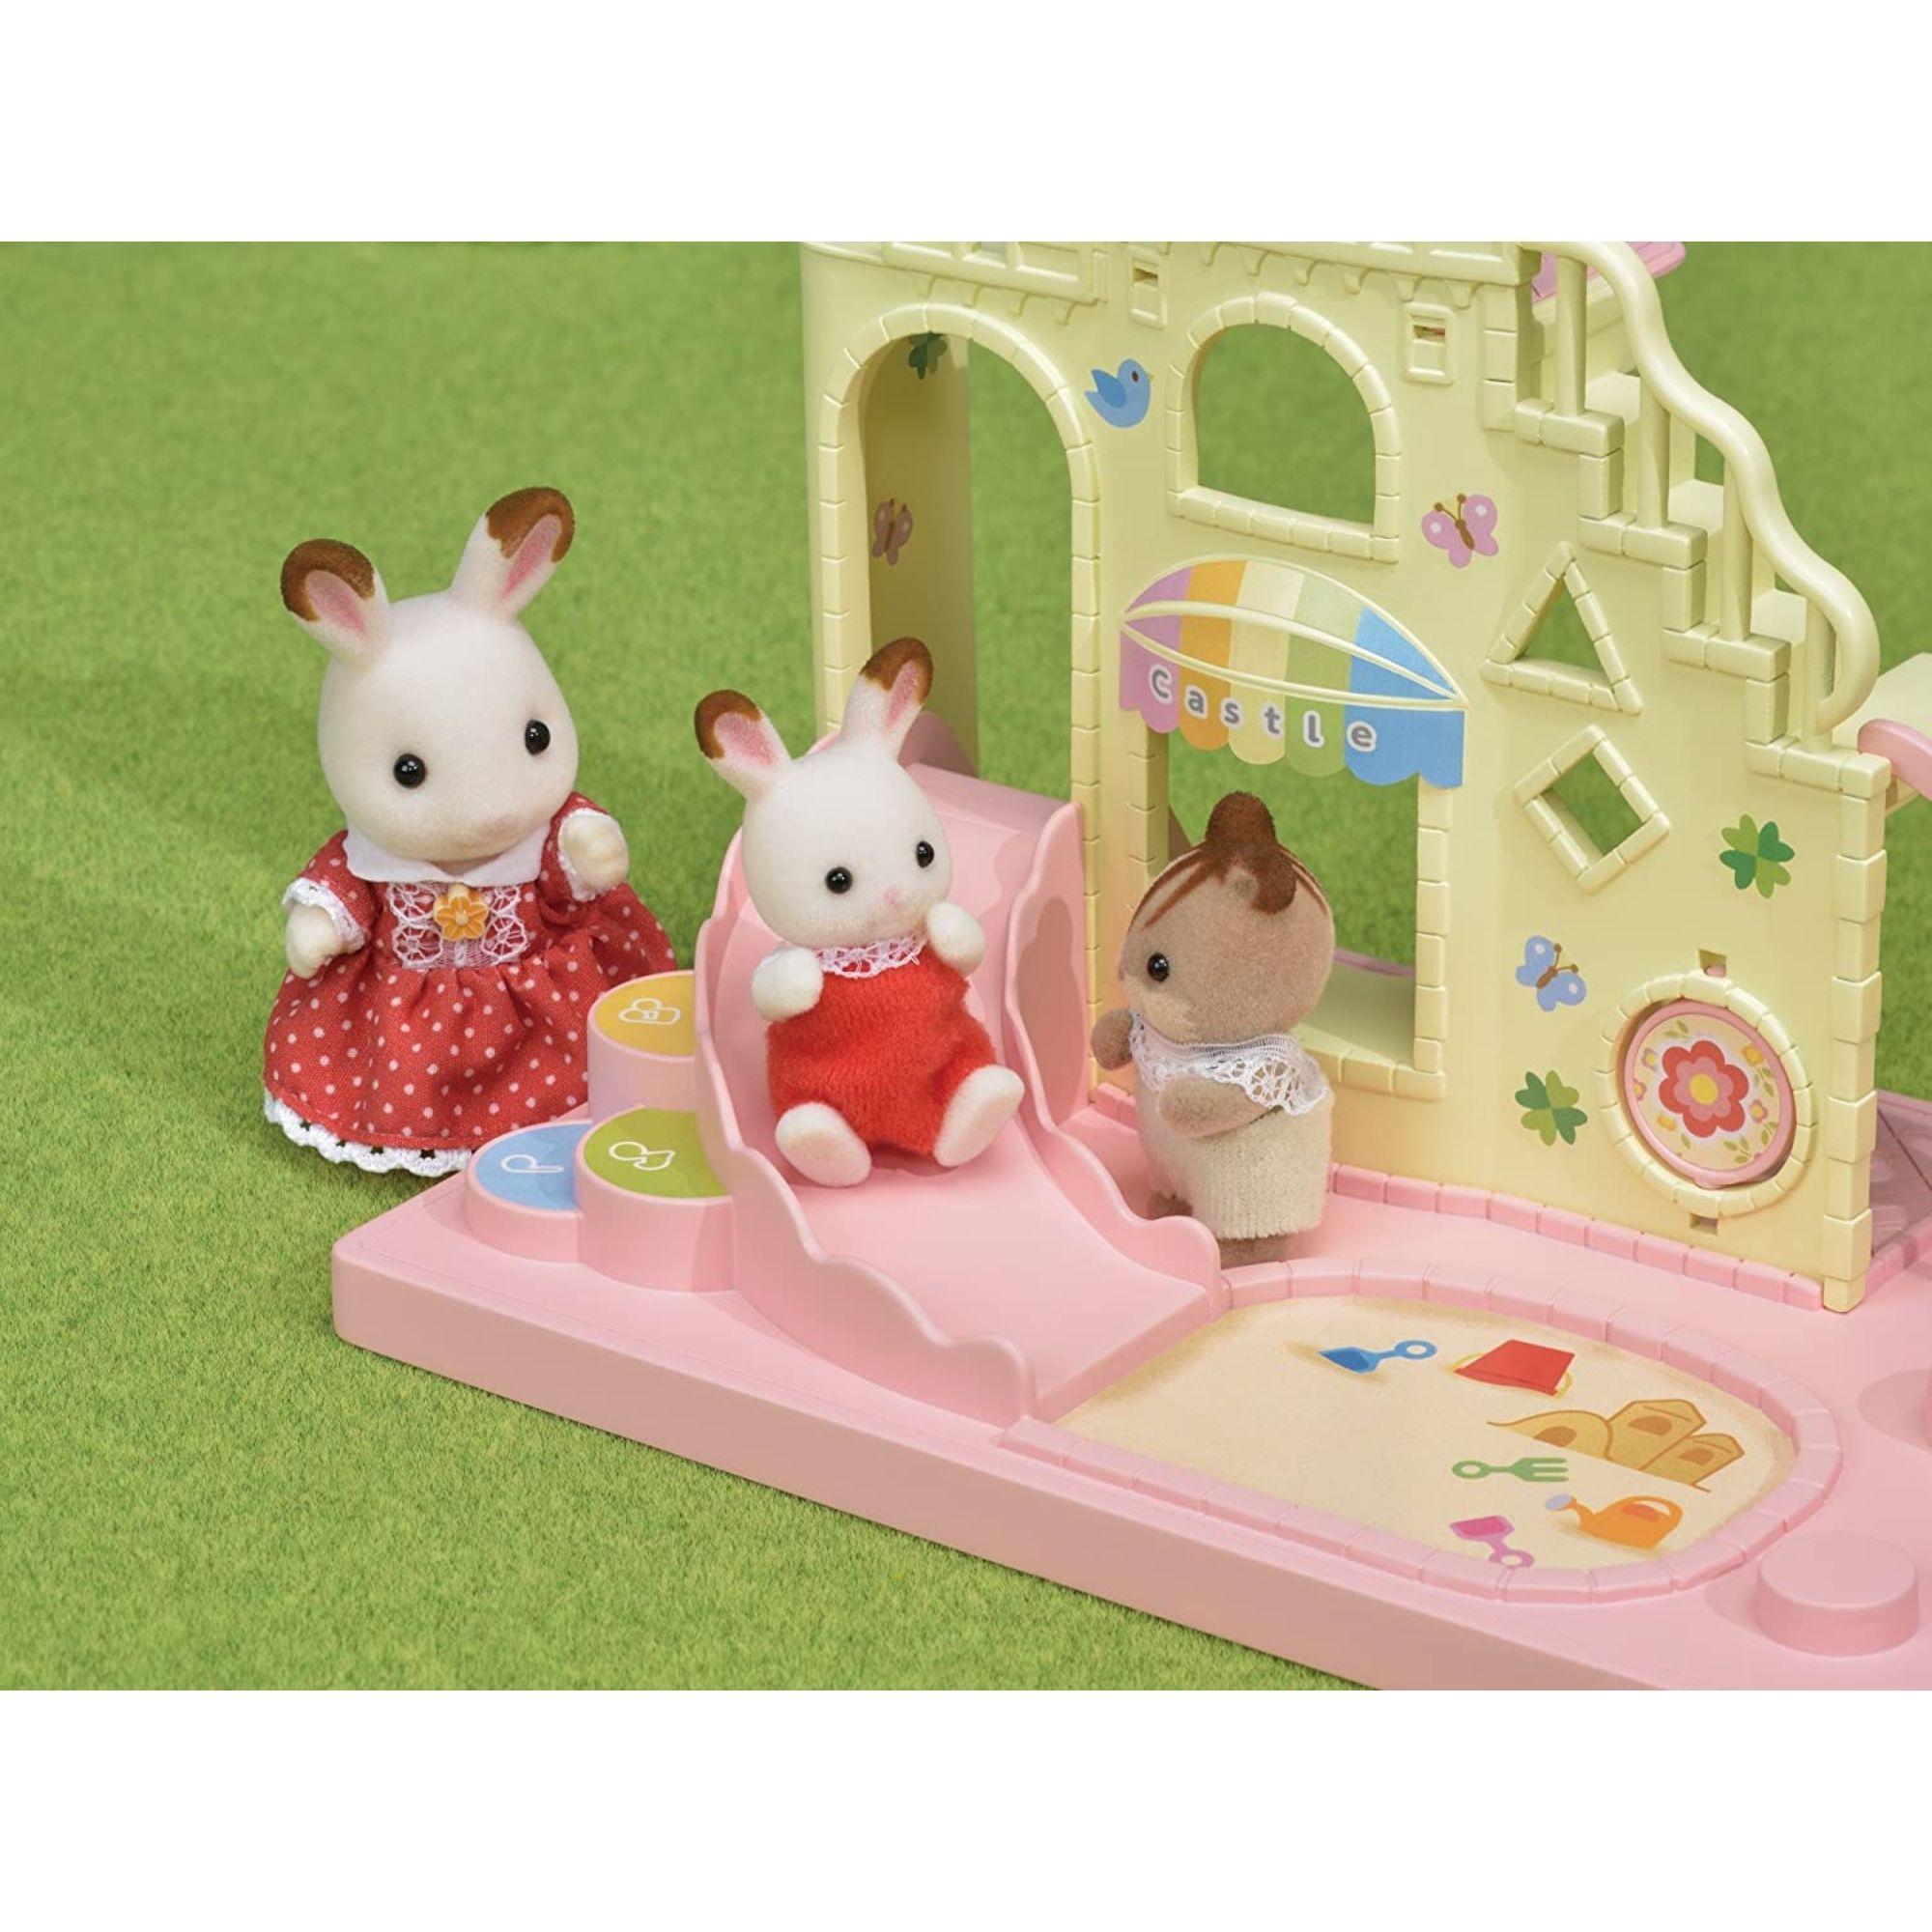 Brinquedo Sylvanian Families Playground do Castelo 5319 Epoch  - Game Land Brinquedos